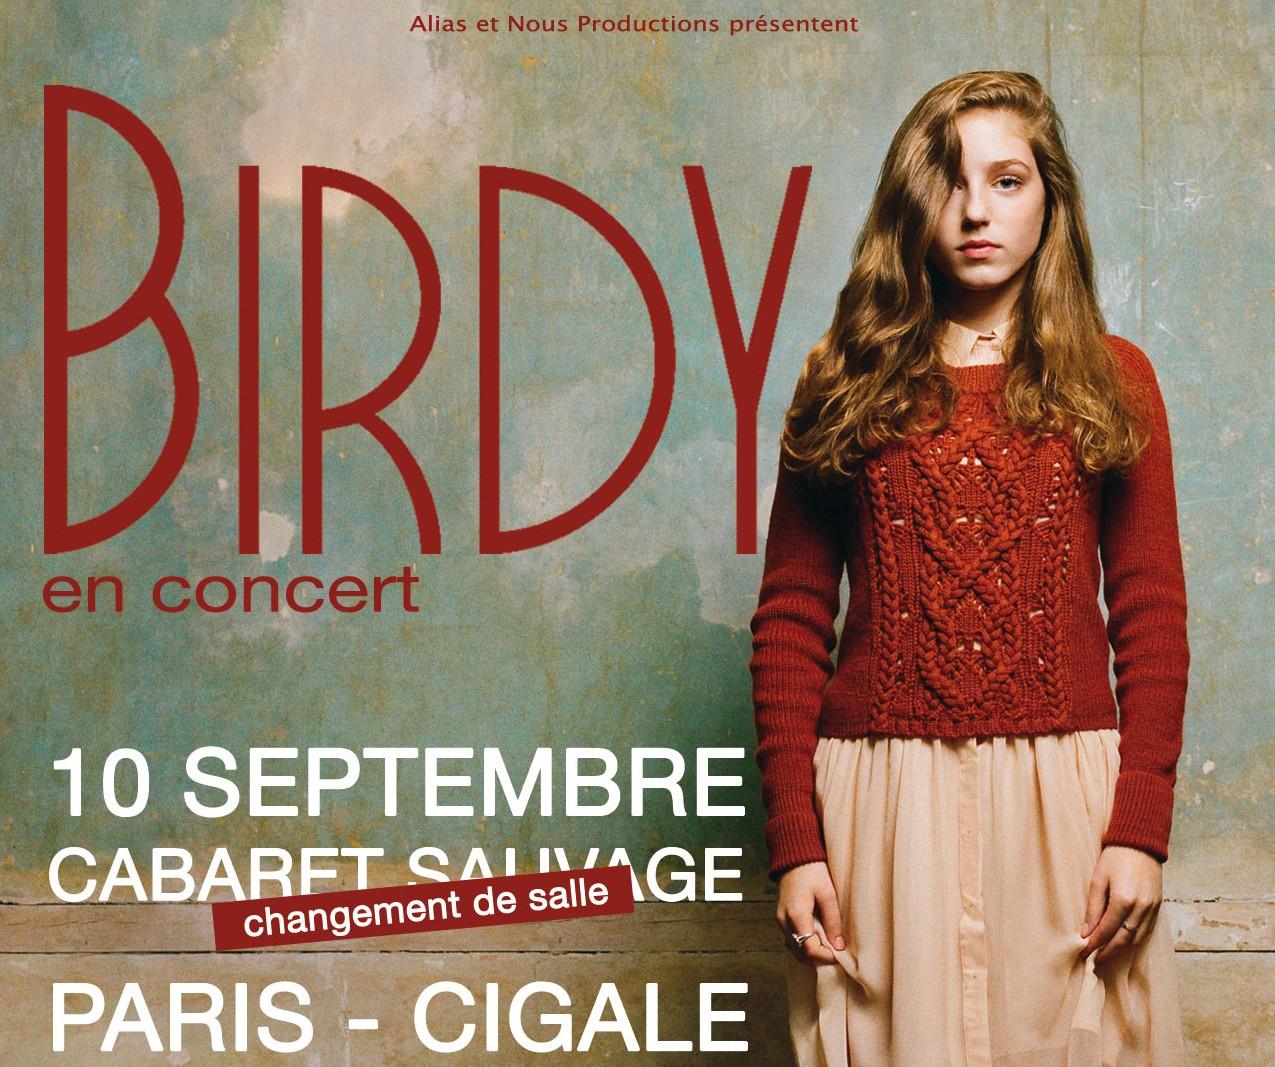 La Cigale - Paris - BIRDY